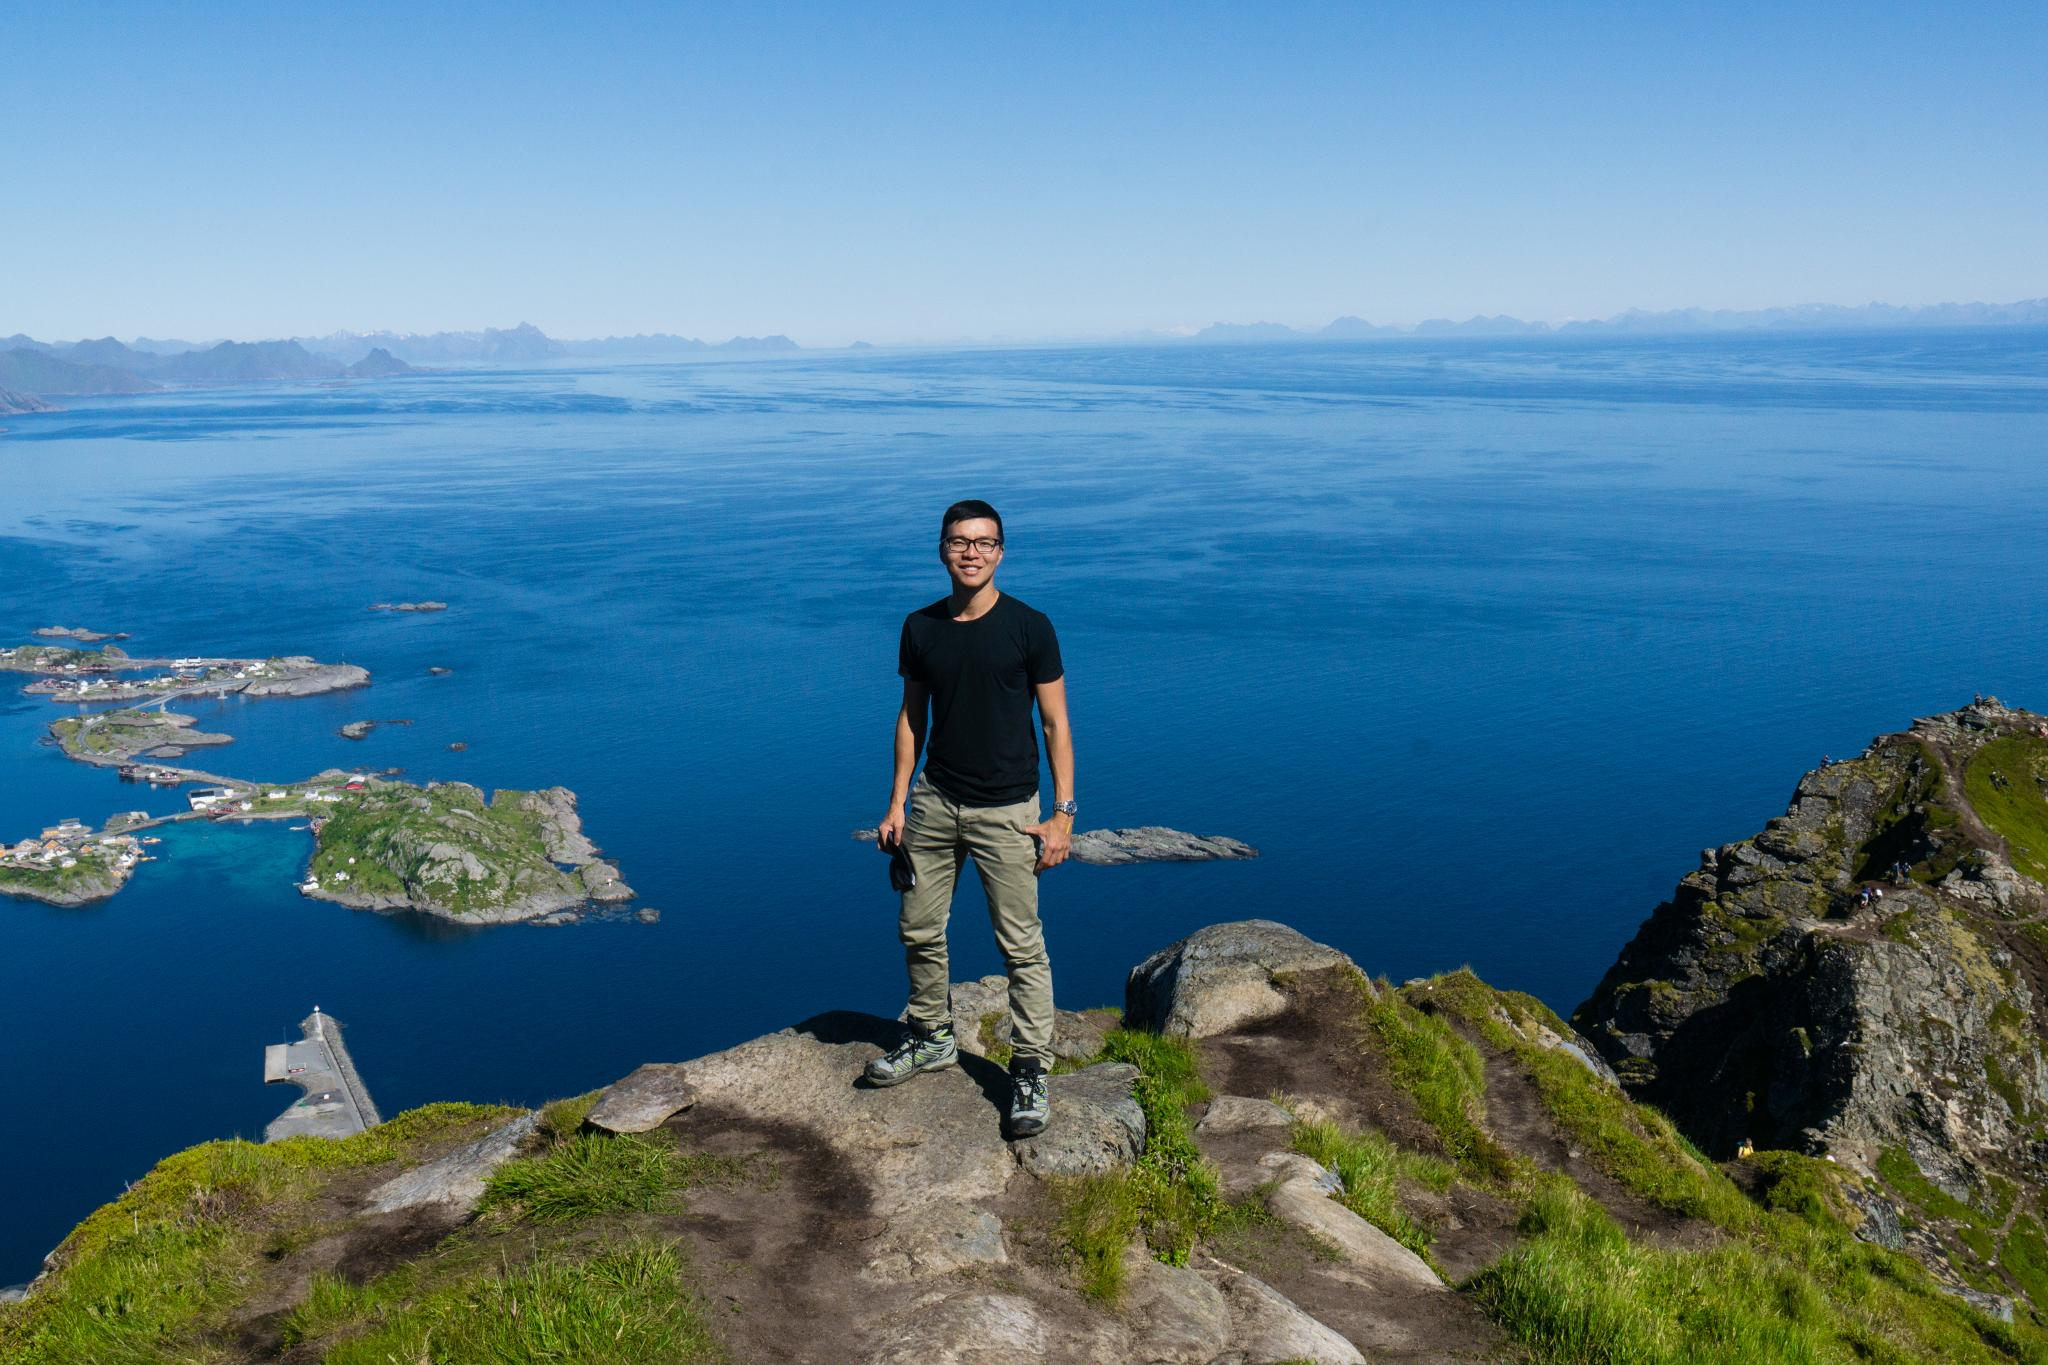 【羅弗敦群島】來了會一生無憾的絕景 - Reine小漁村與Reinebringen健行 15